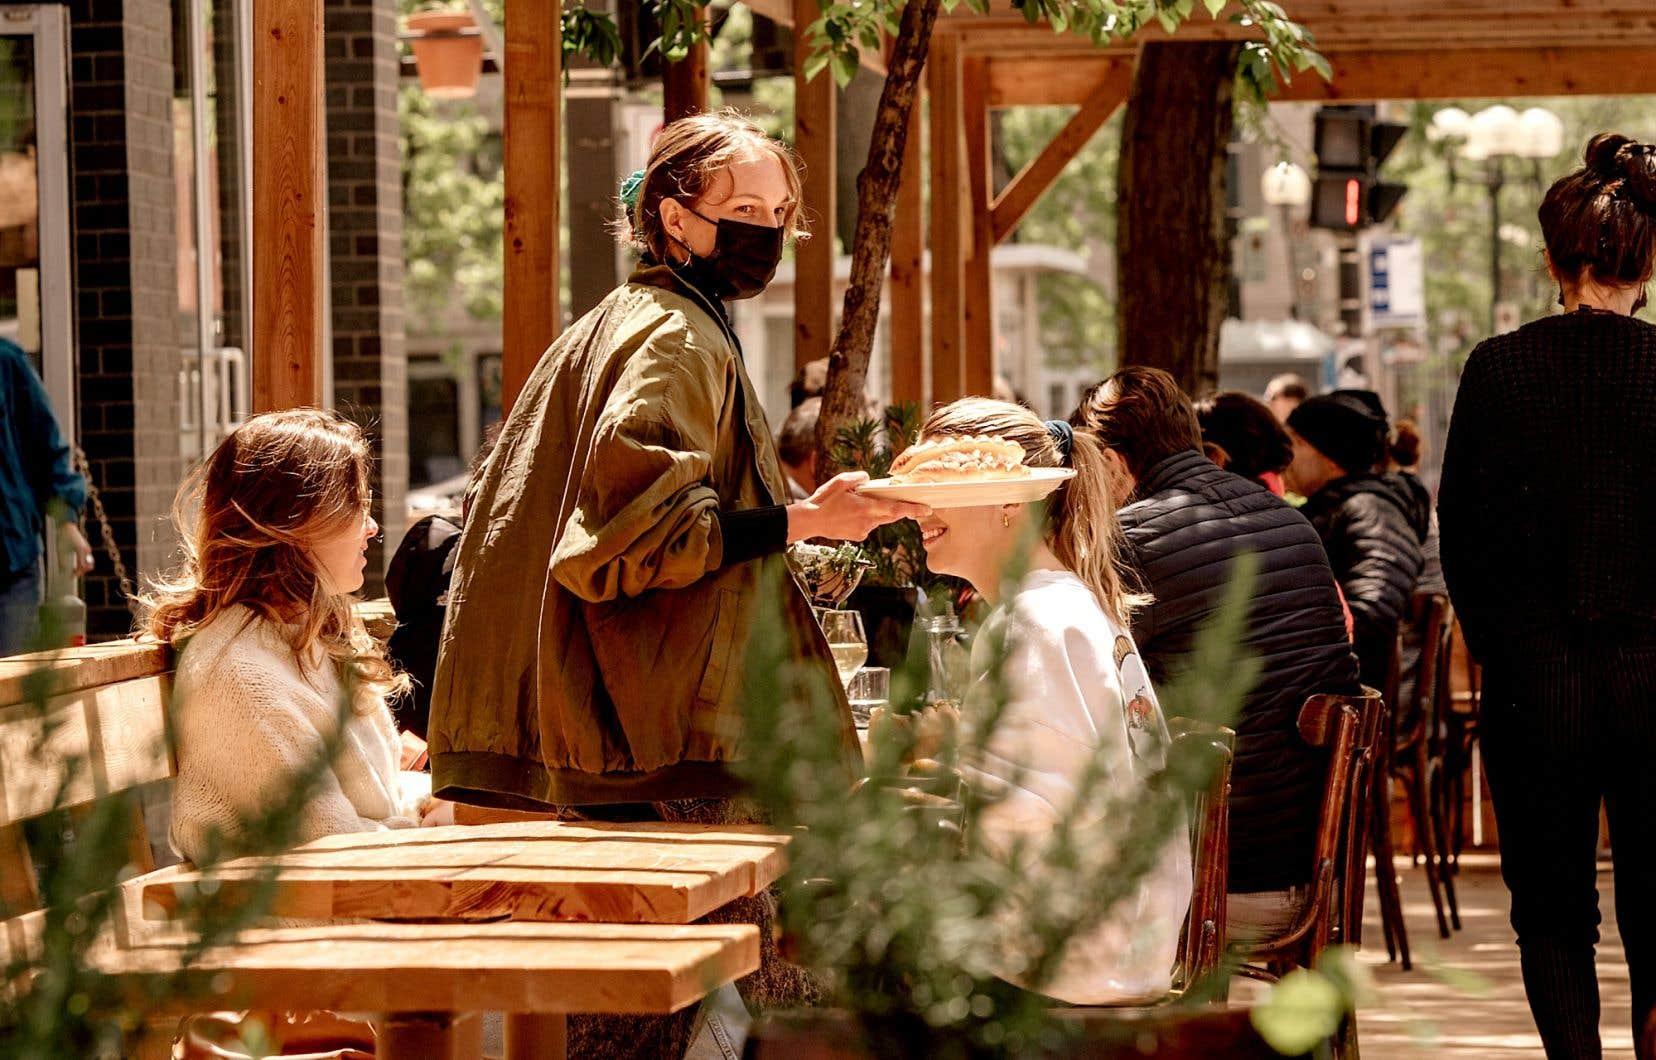 La terrasse du BarBara Vin, une nouvelle adresse qui met l'accent particulier sur les pâtes fraîches et autres classiques italiens.